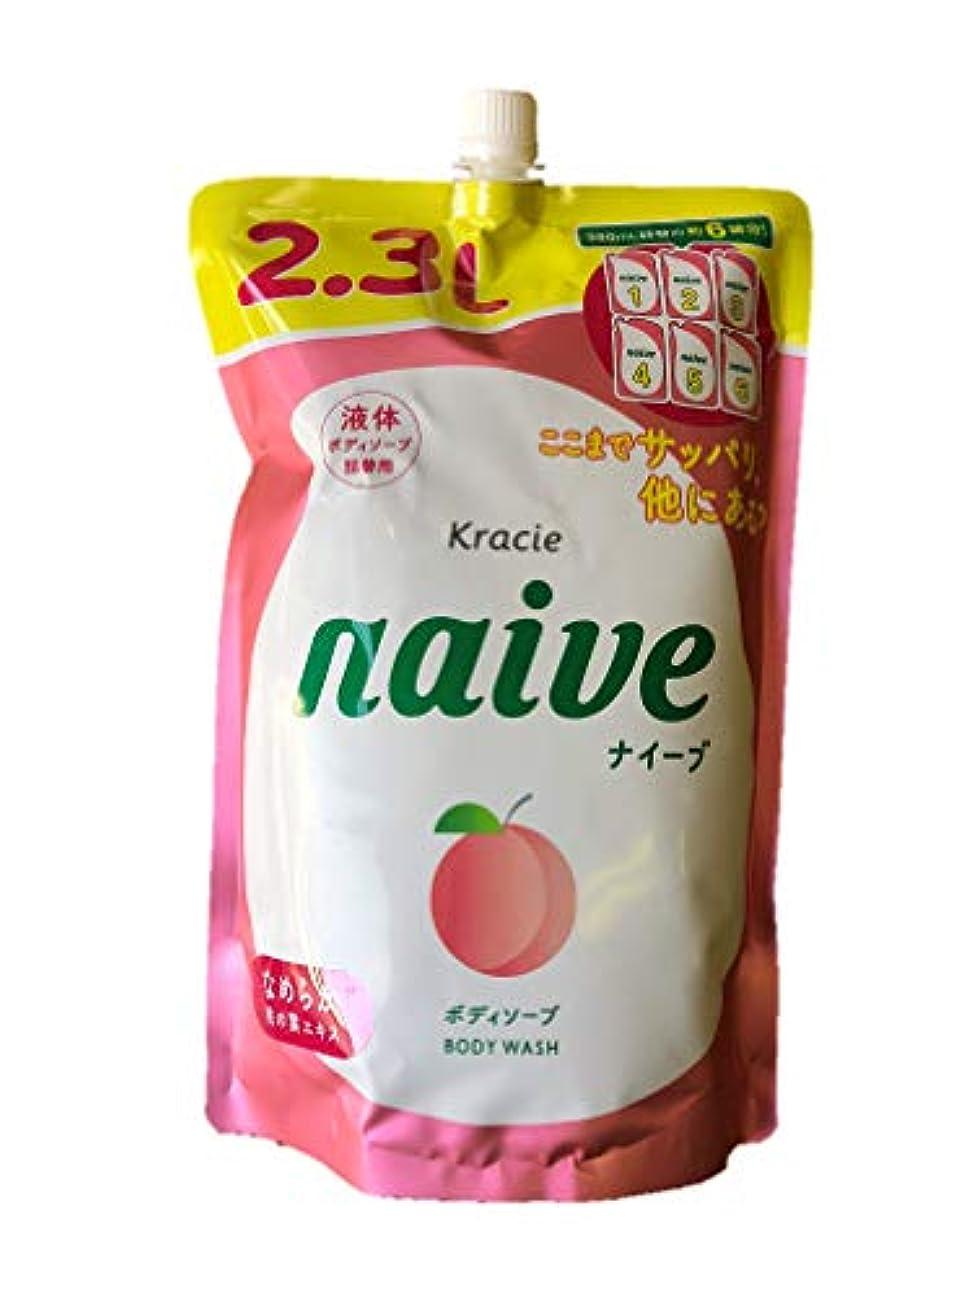 出します下品戦争【大容量2.3L】ナイーブ 植物性ボディーソープ 自然でやさしい桃の香り 2300ml